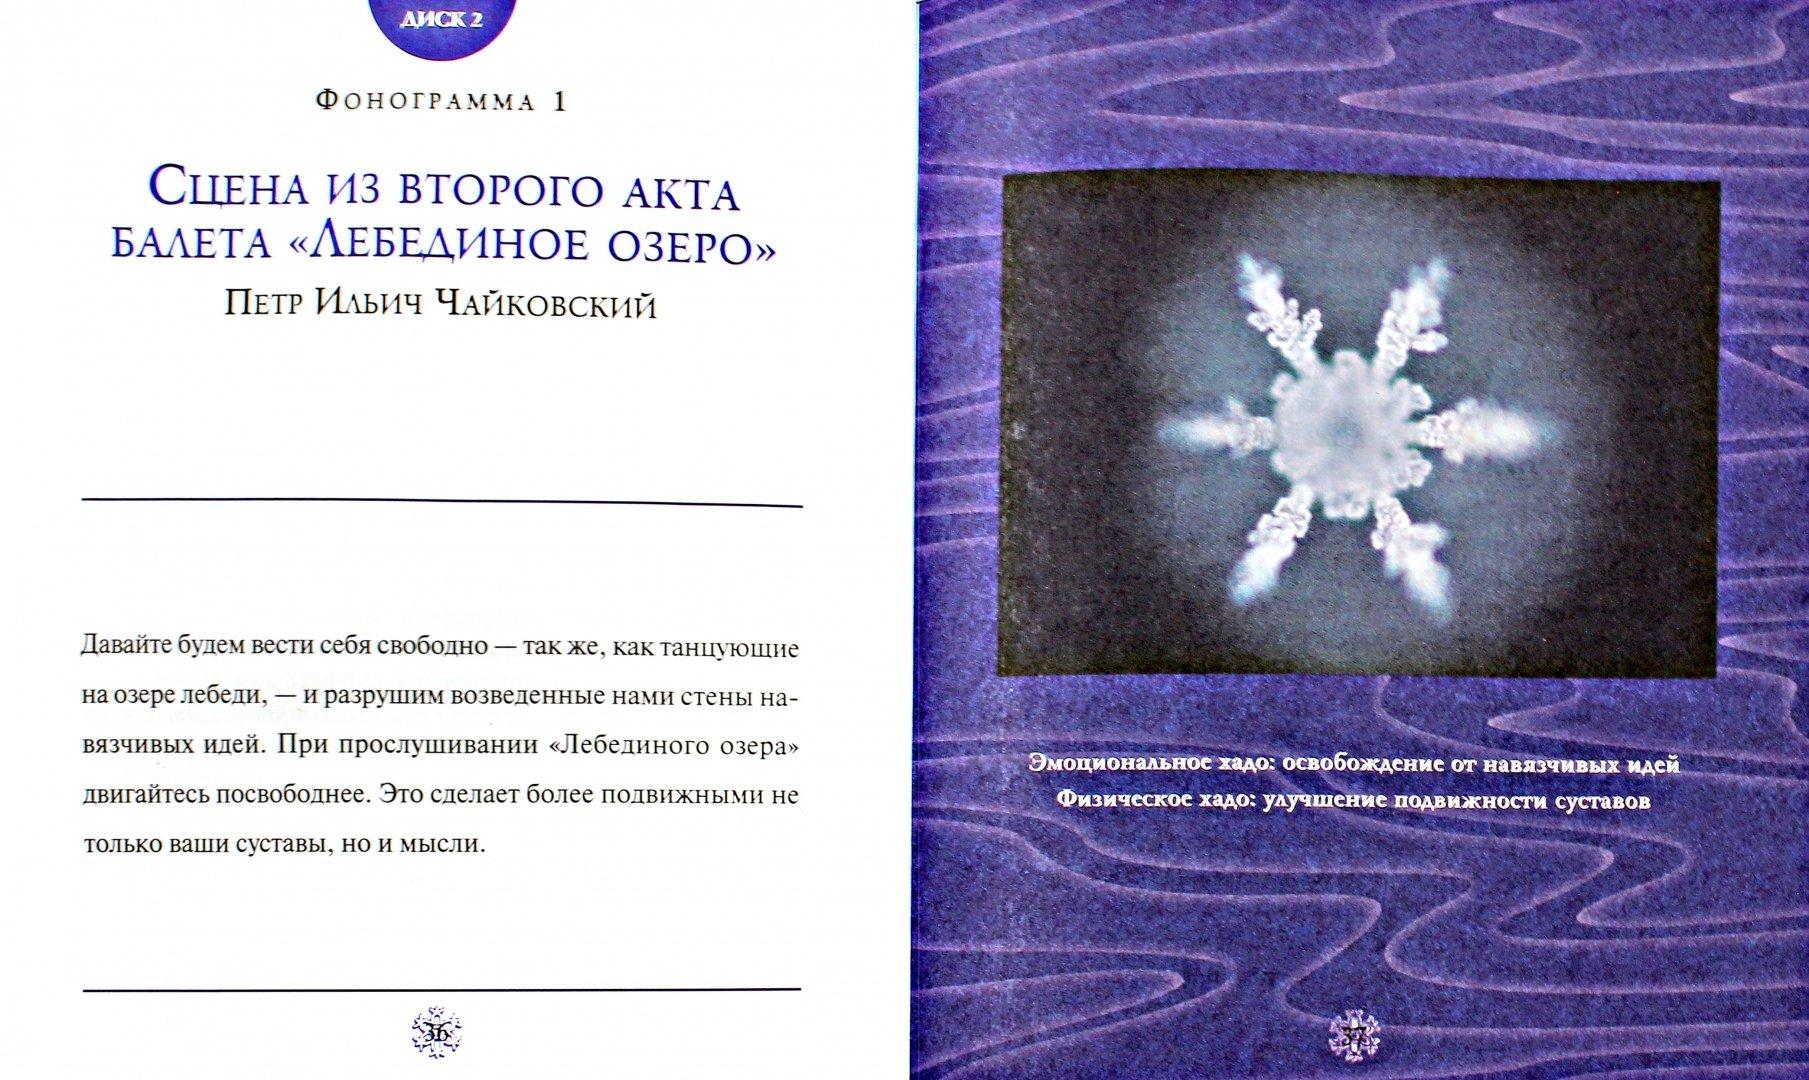 Иллюстрация 1 из 12 для Исцеление кристаллами воды (2 СD) - Масару Эмото | Лабиринт - книги. Источник: Лабиринт